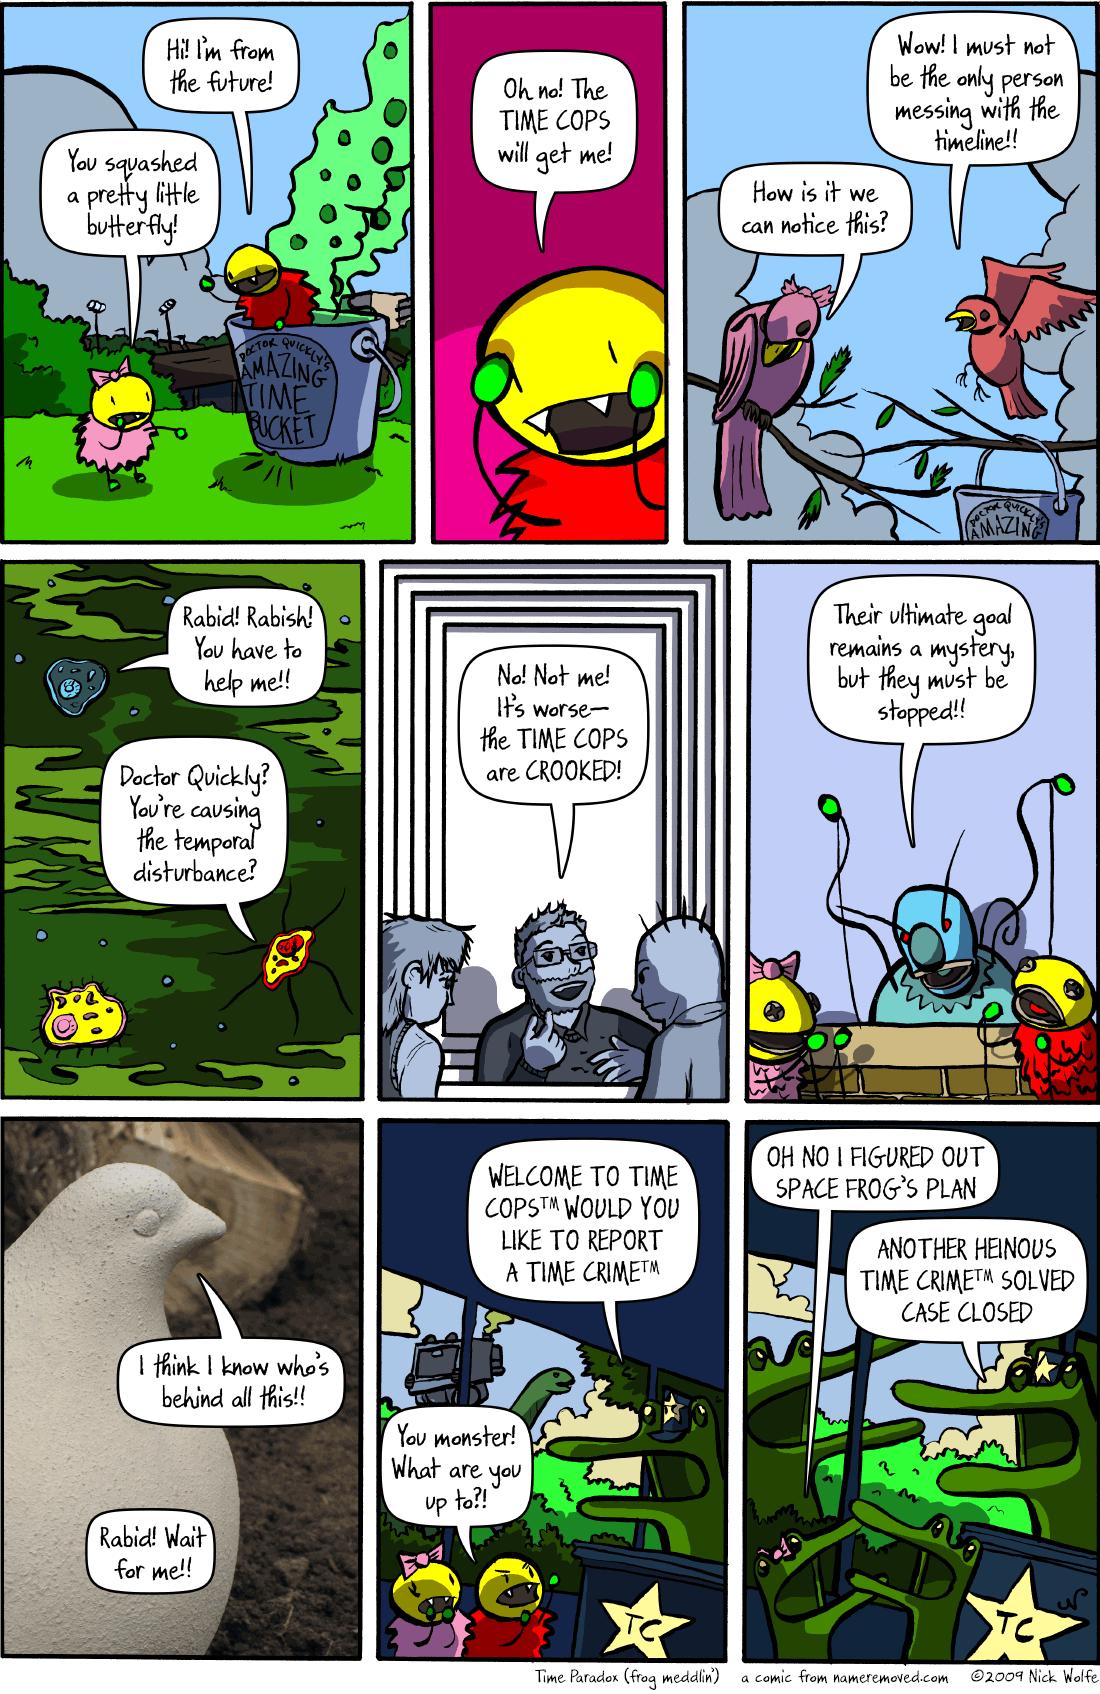 Time Paradox (frog meddlin')